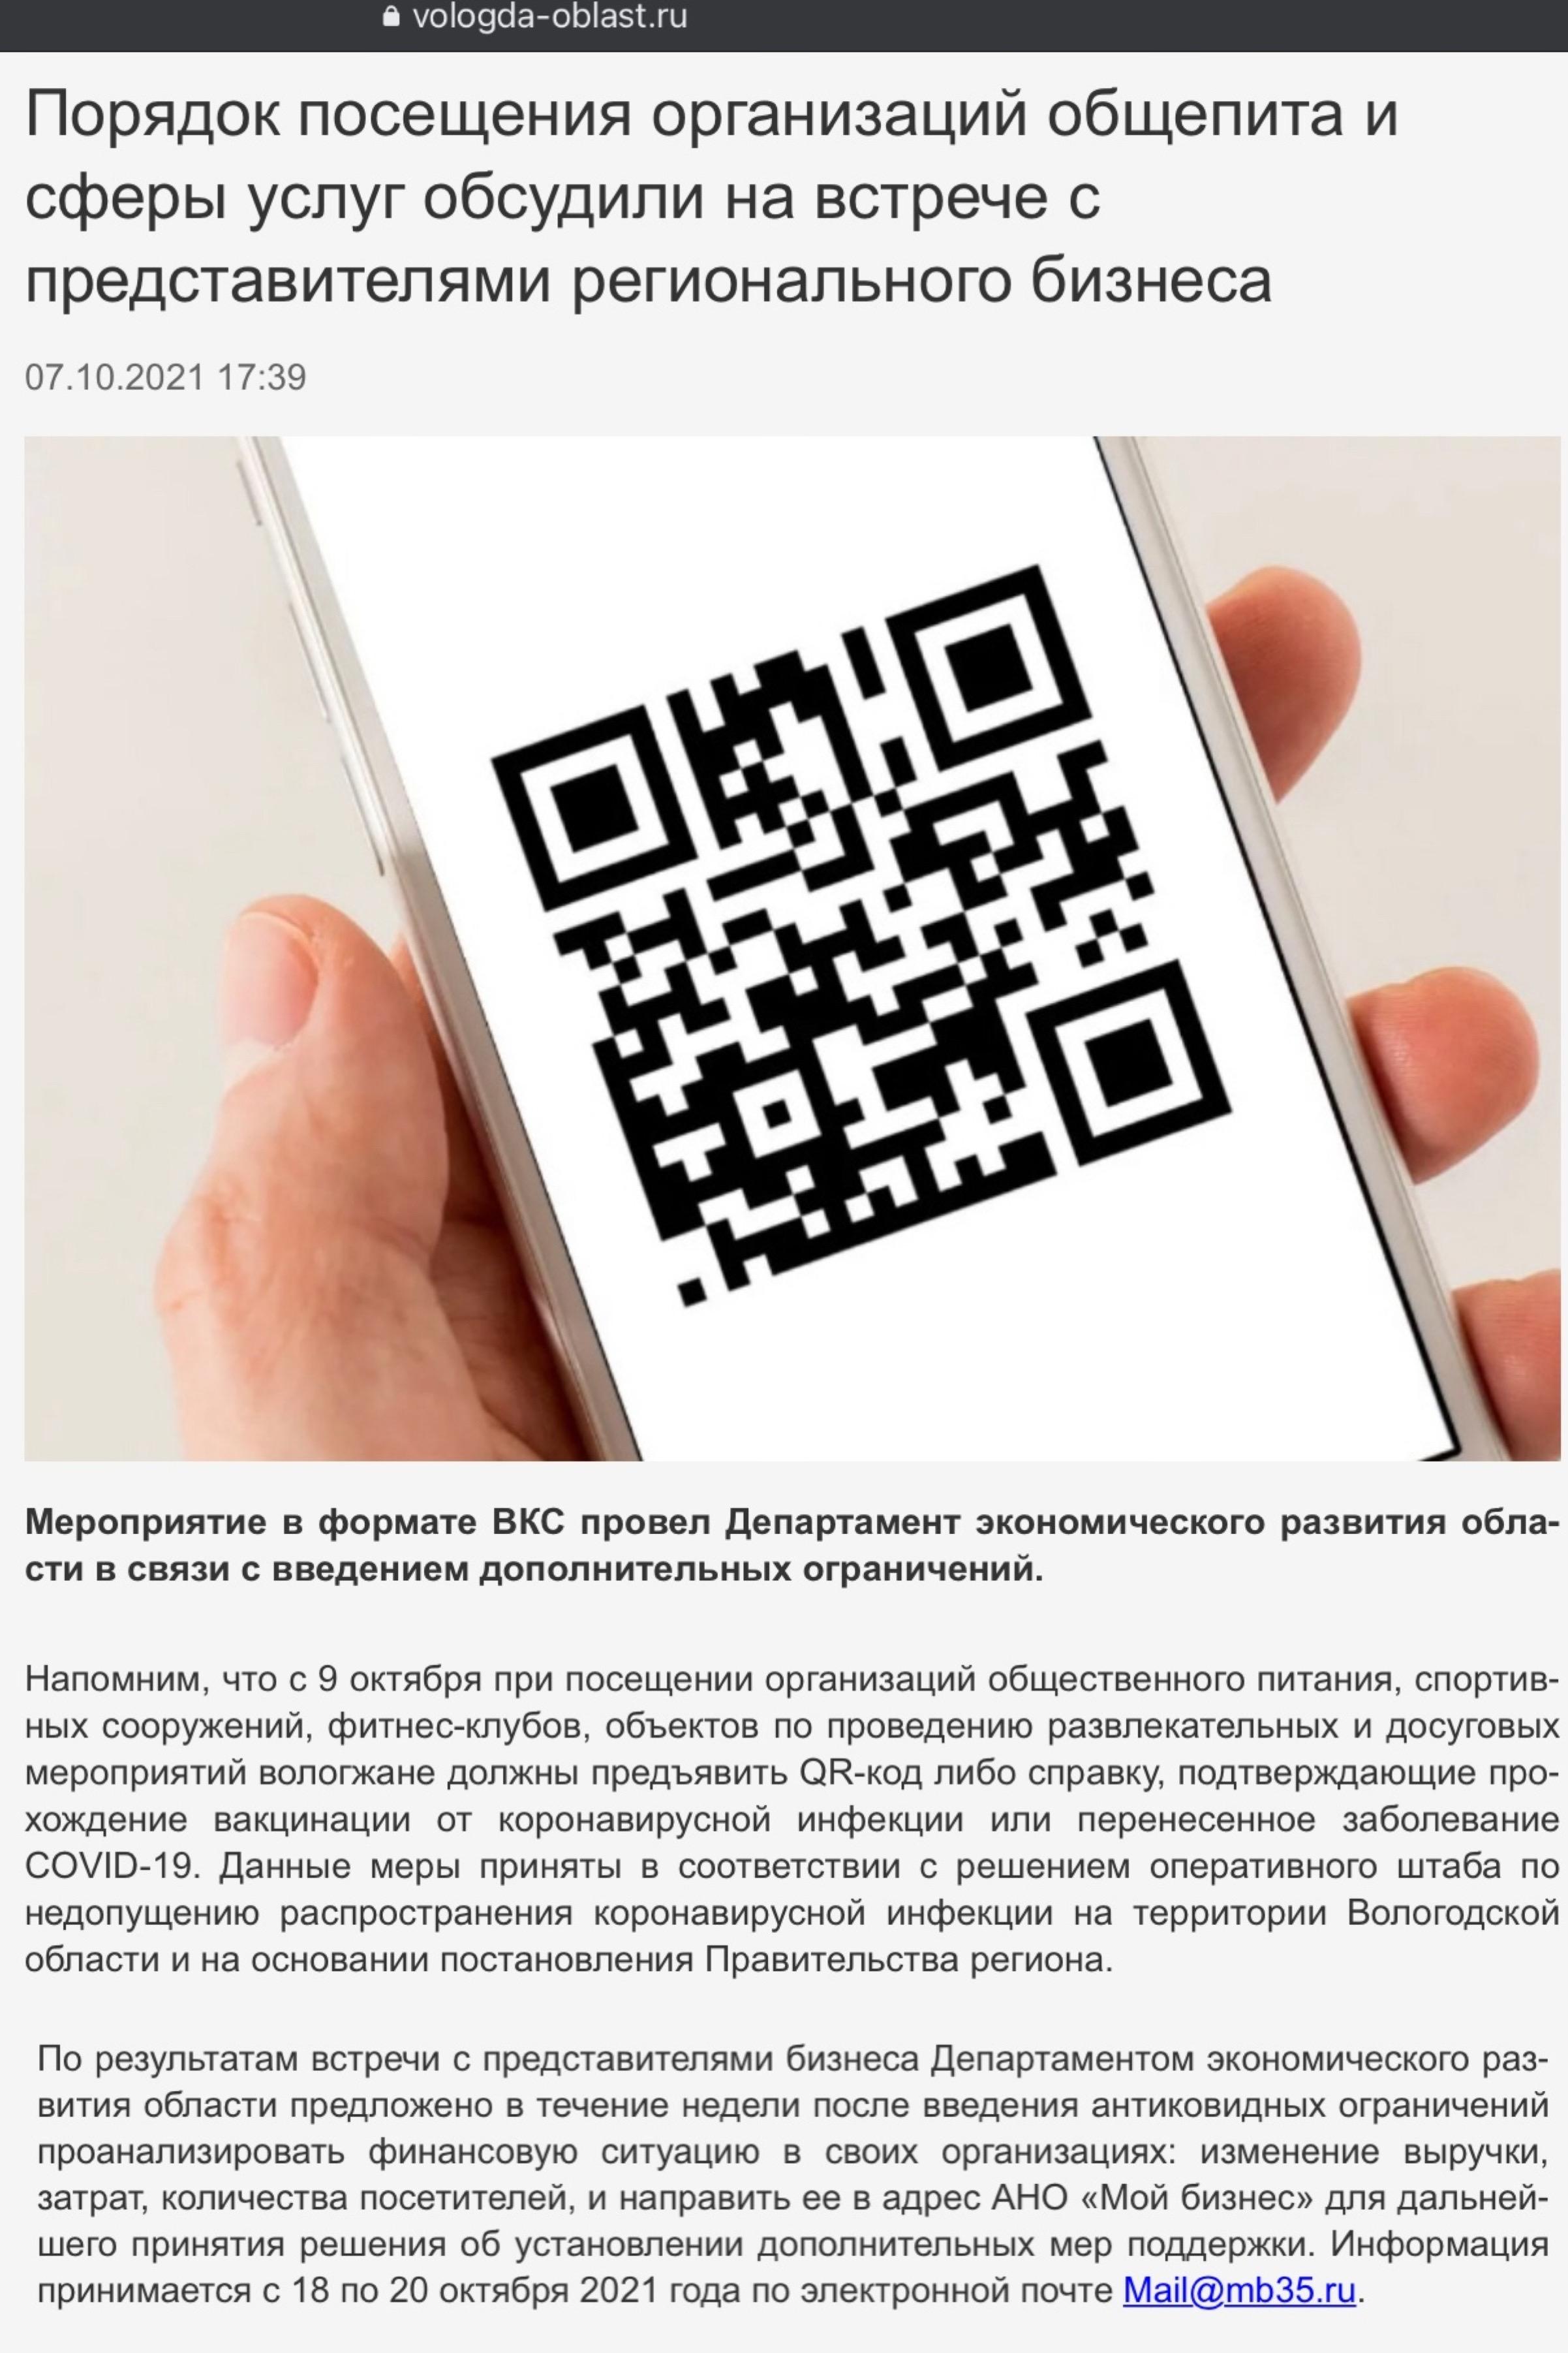 Куар-коды в Вологодской области и цифровой концлагерь лицемера Кувшинникова (4).JPG